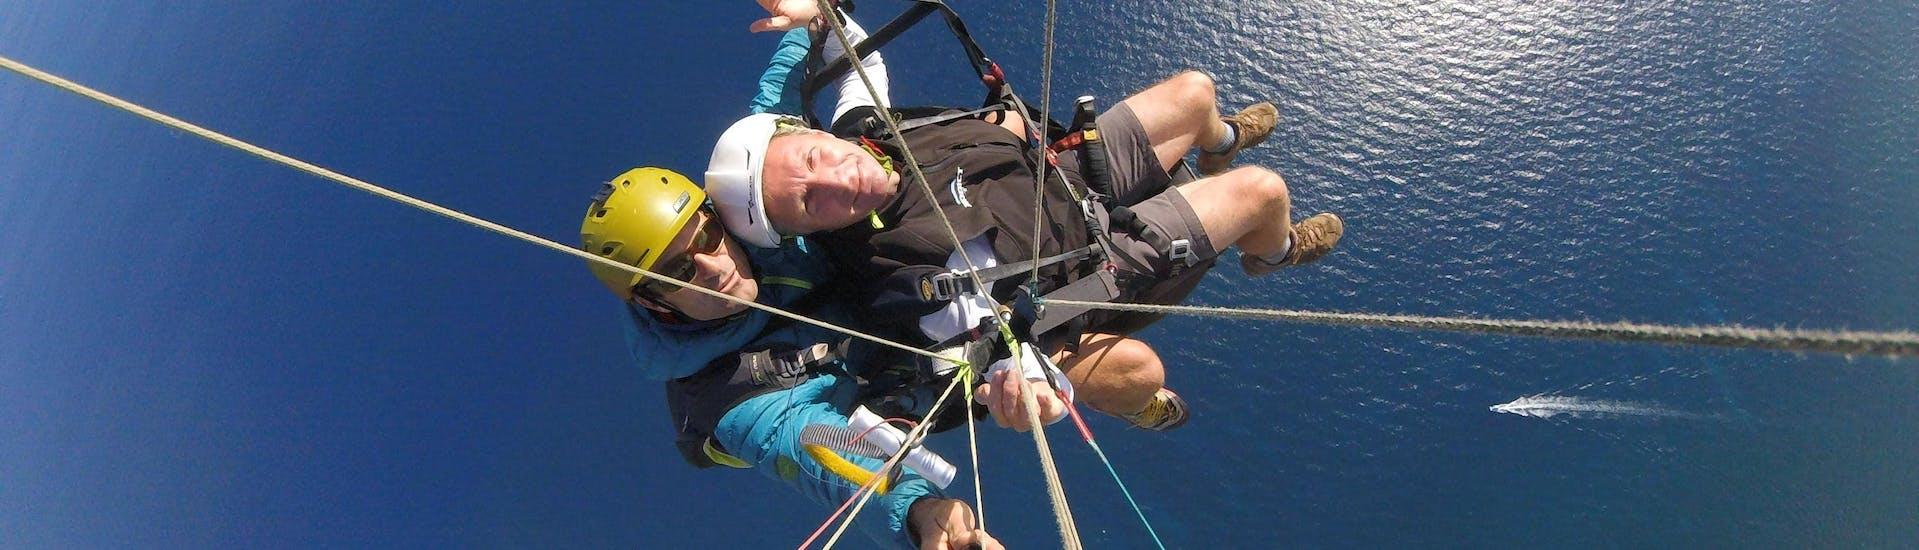 A paragliding pilot from Saint Leu Parapente is performing a Tandem Paragliding Flight over the Baie de Saint Leu in La Réunion.